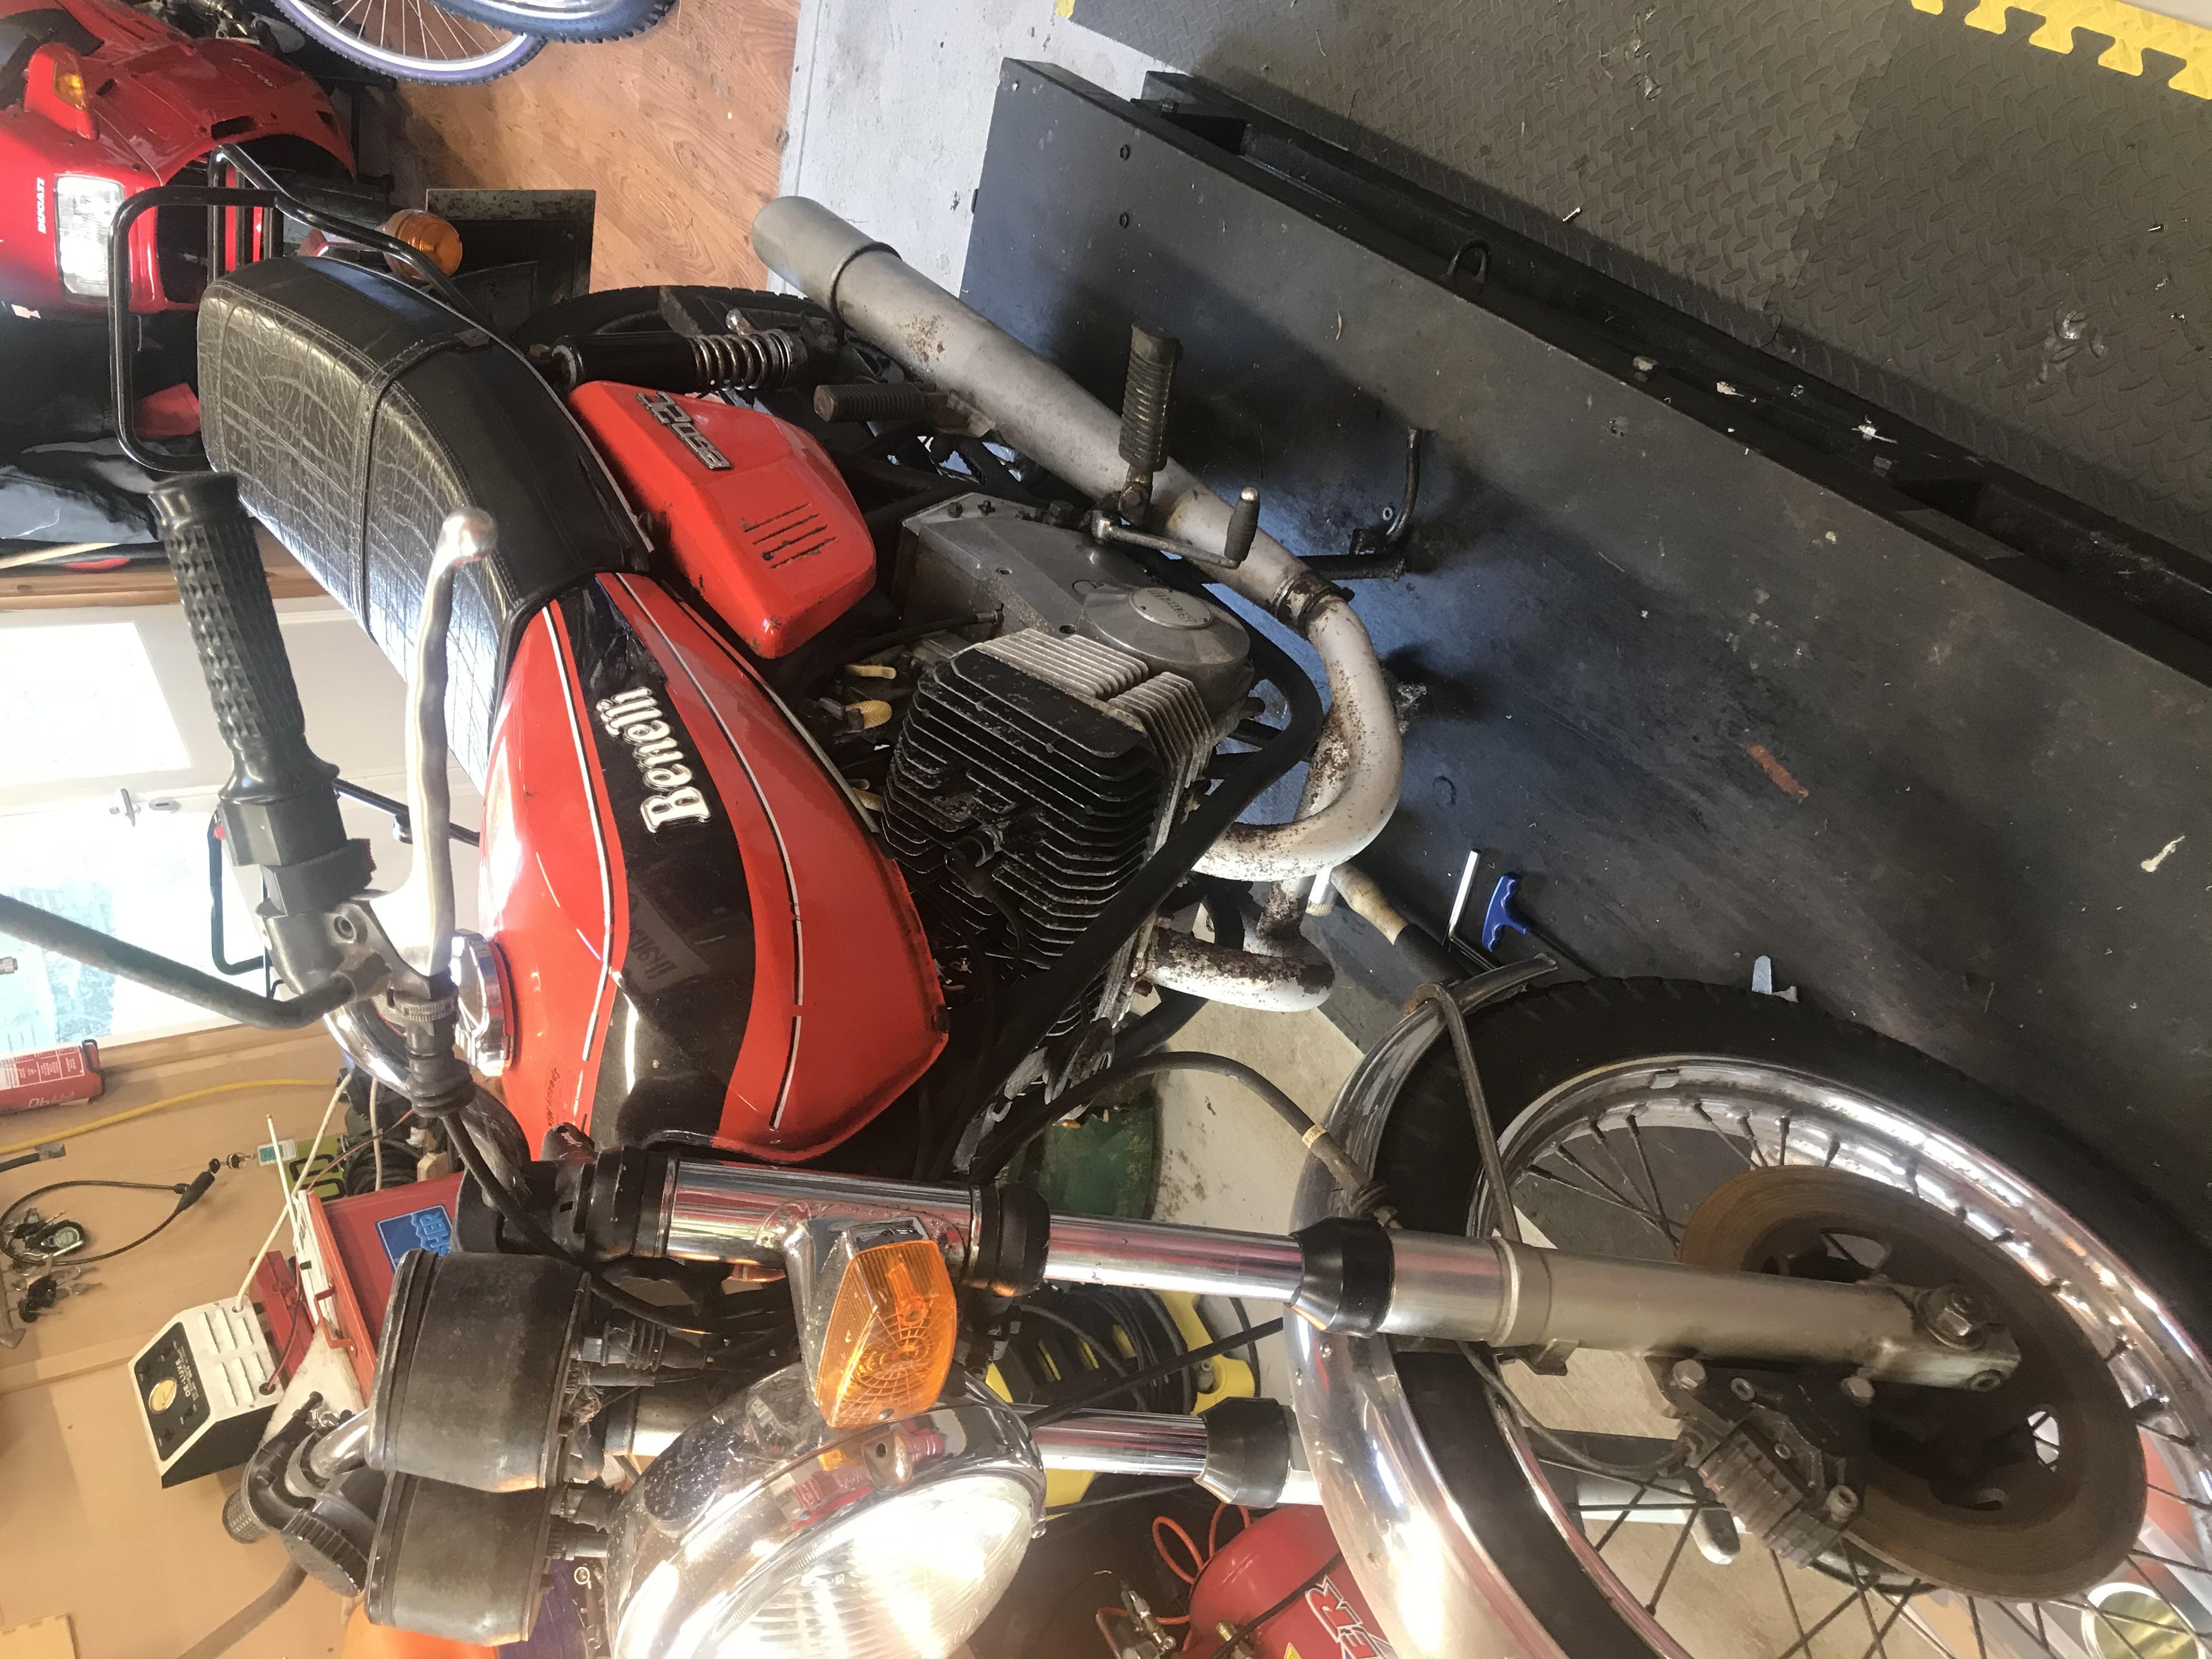 Benelli 250 2c Restoration-1d6abc4e-ce17-40b0-a0ee-310ec8d58009.jpeg